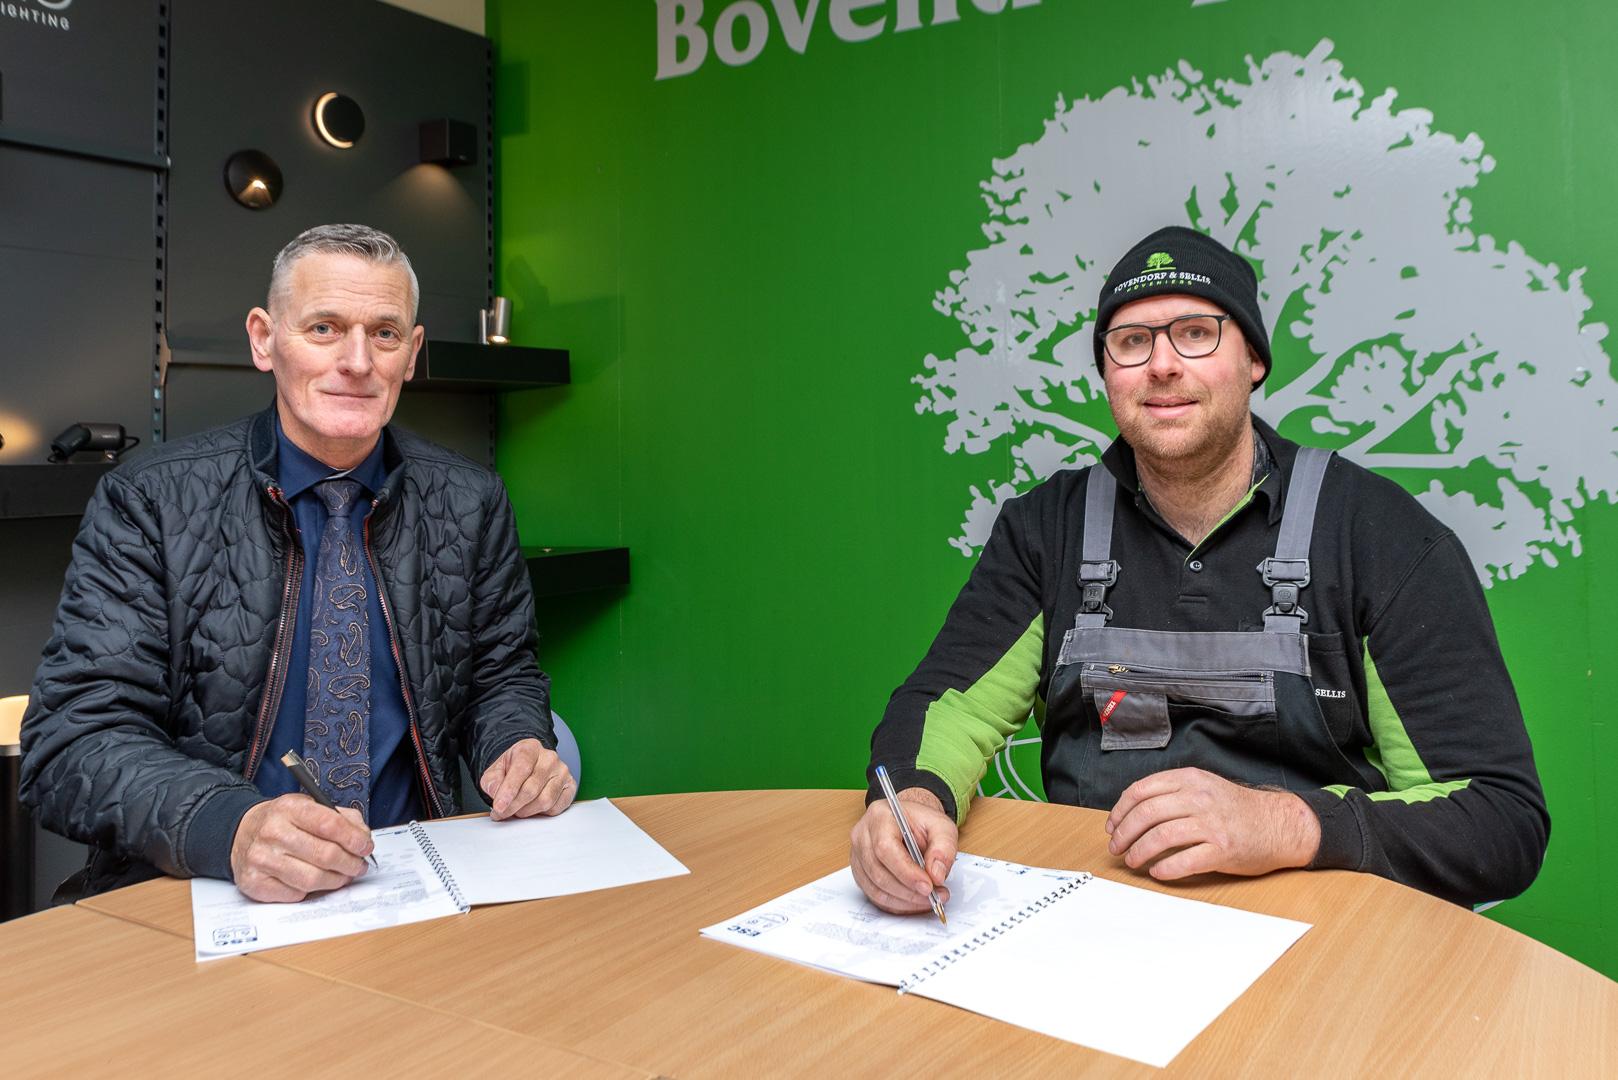 ElburgerSC - Bovendorp & Sellis Hoveniers nieuwe bronssponsor bij ESC